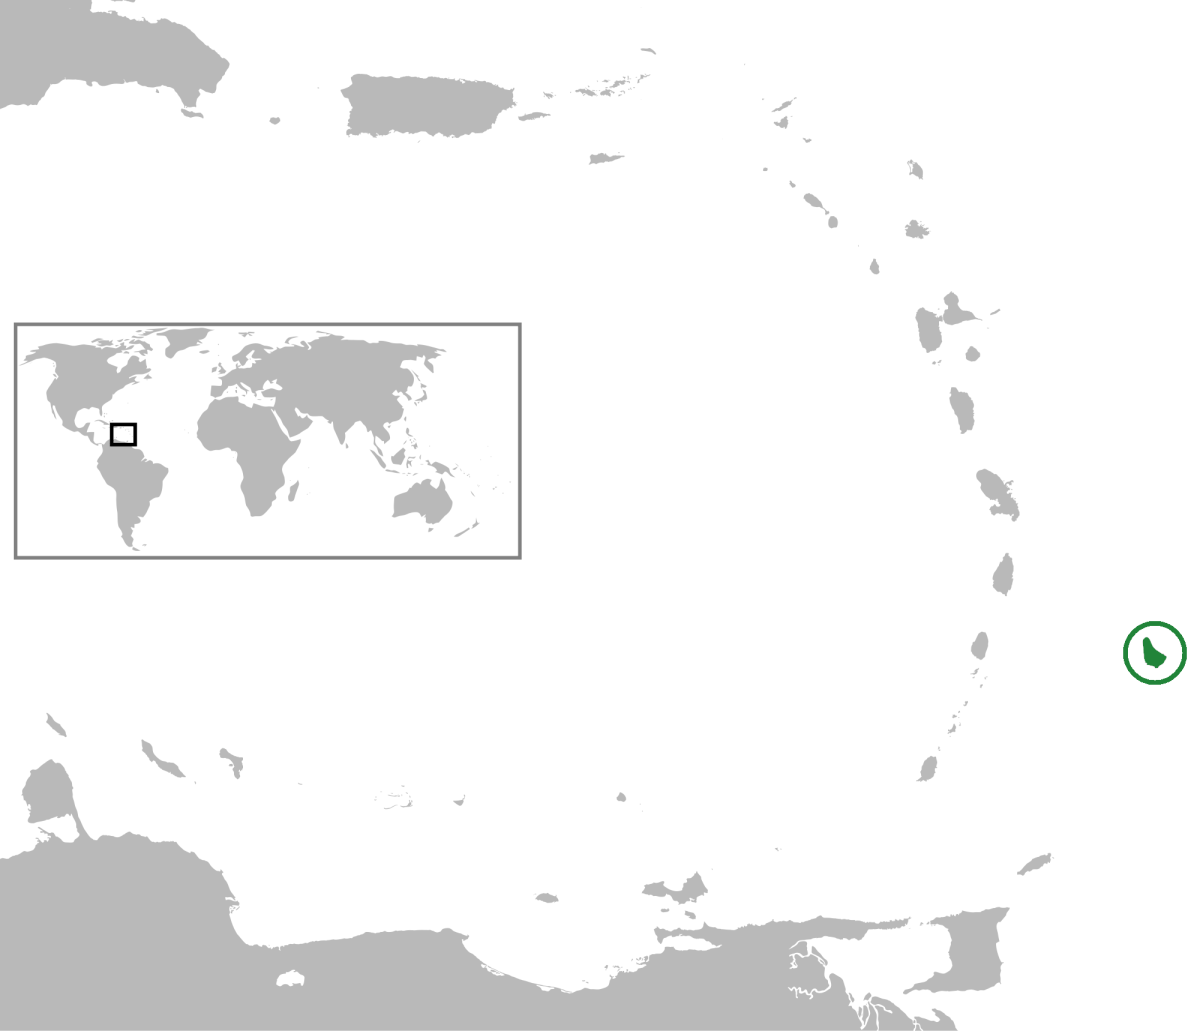 Ubicación geográfica de la isla de Barbados.